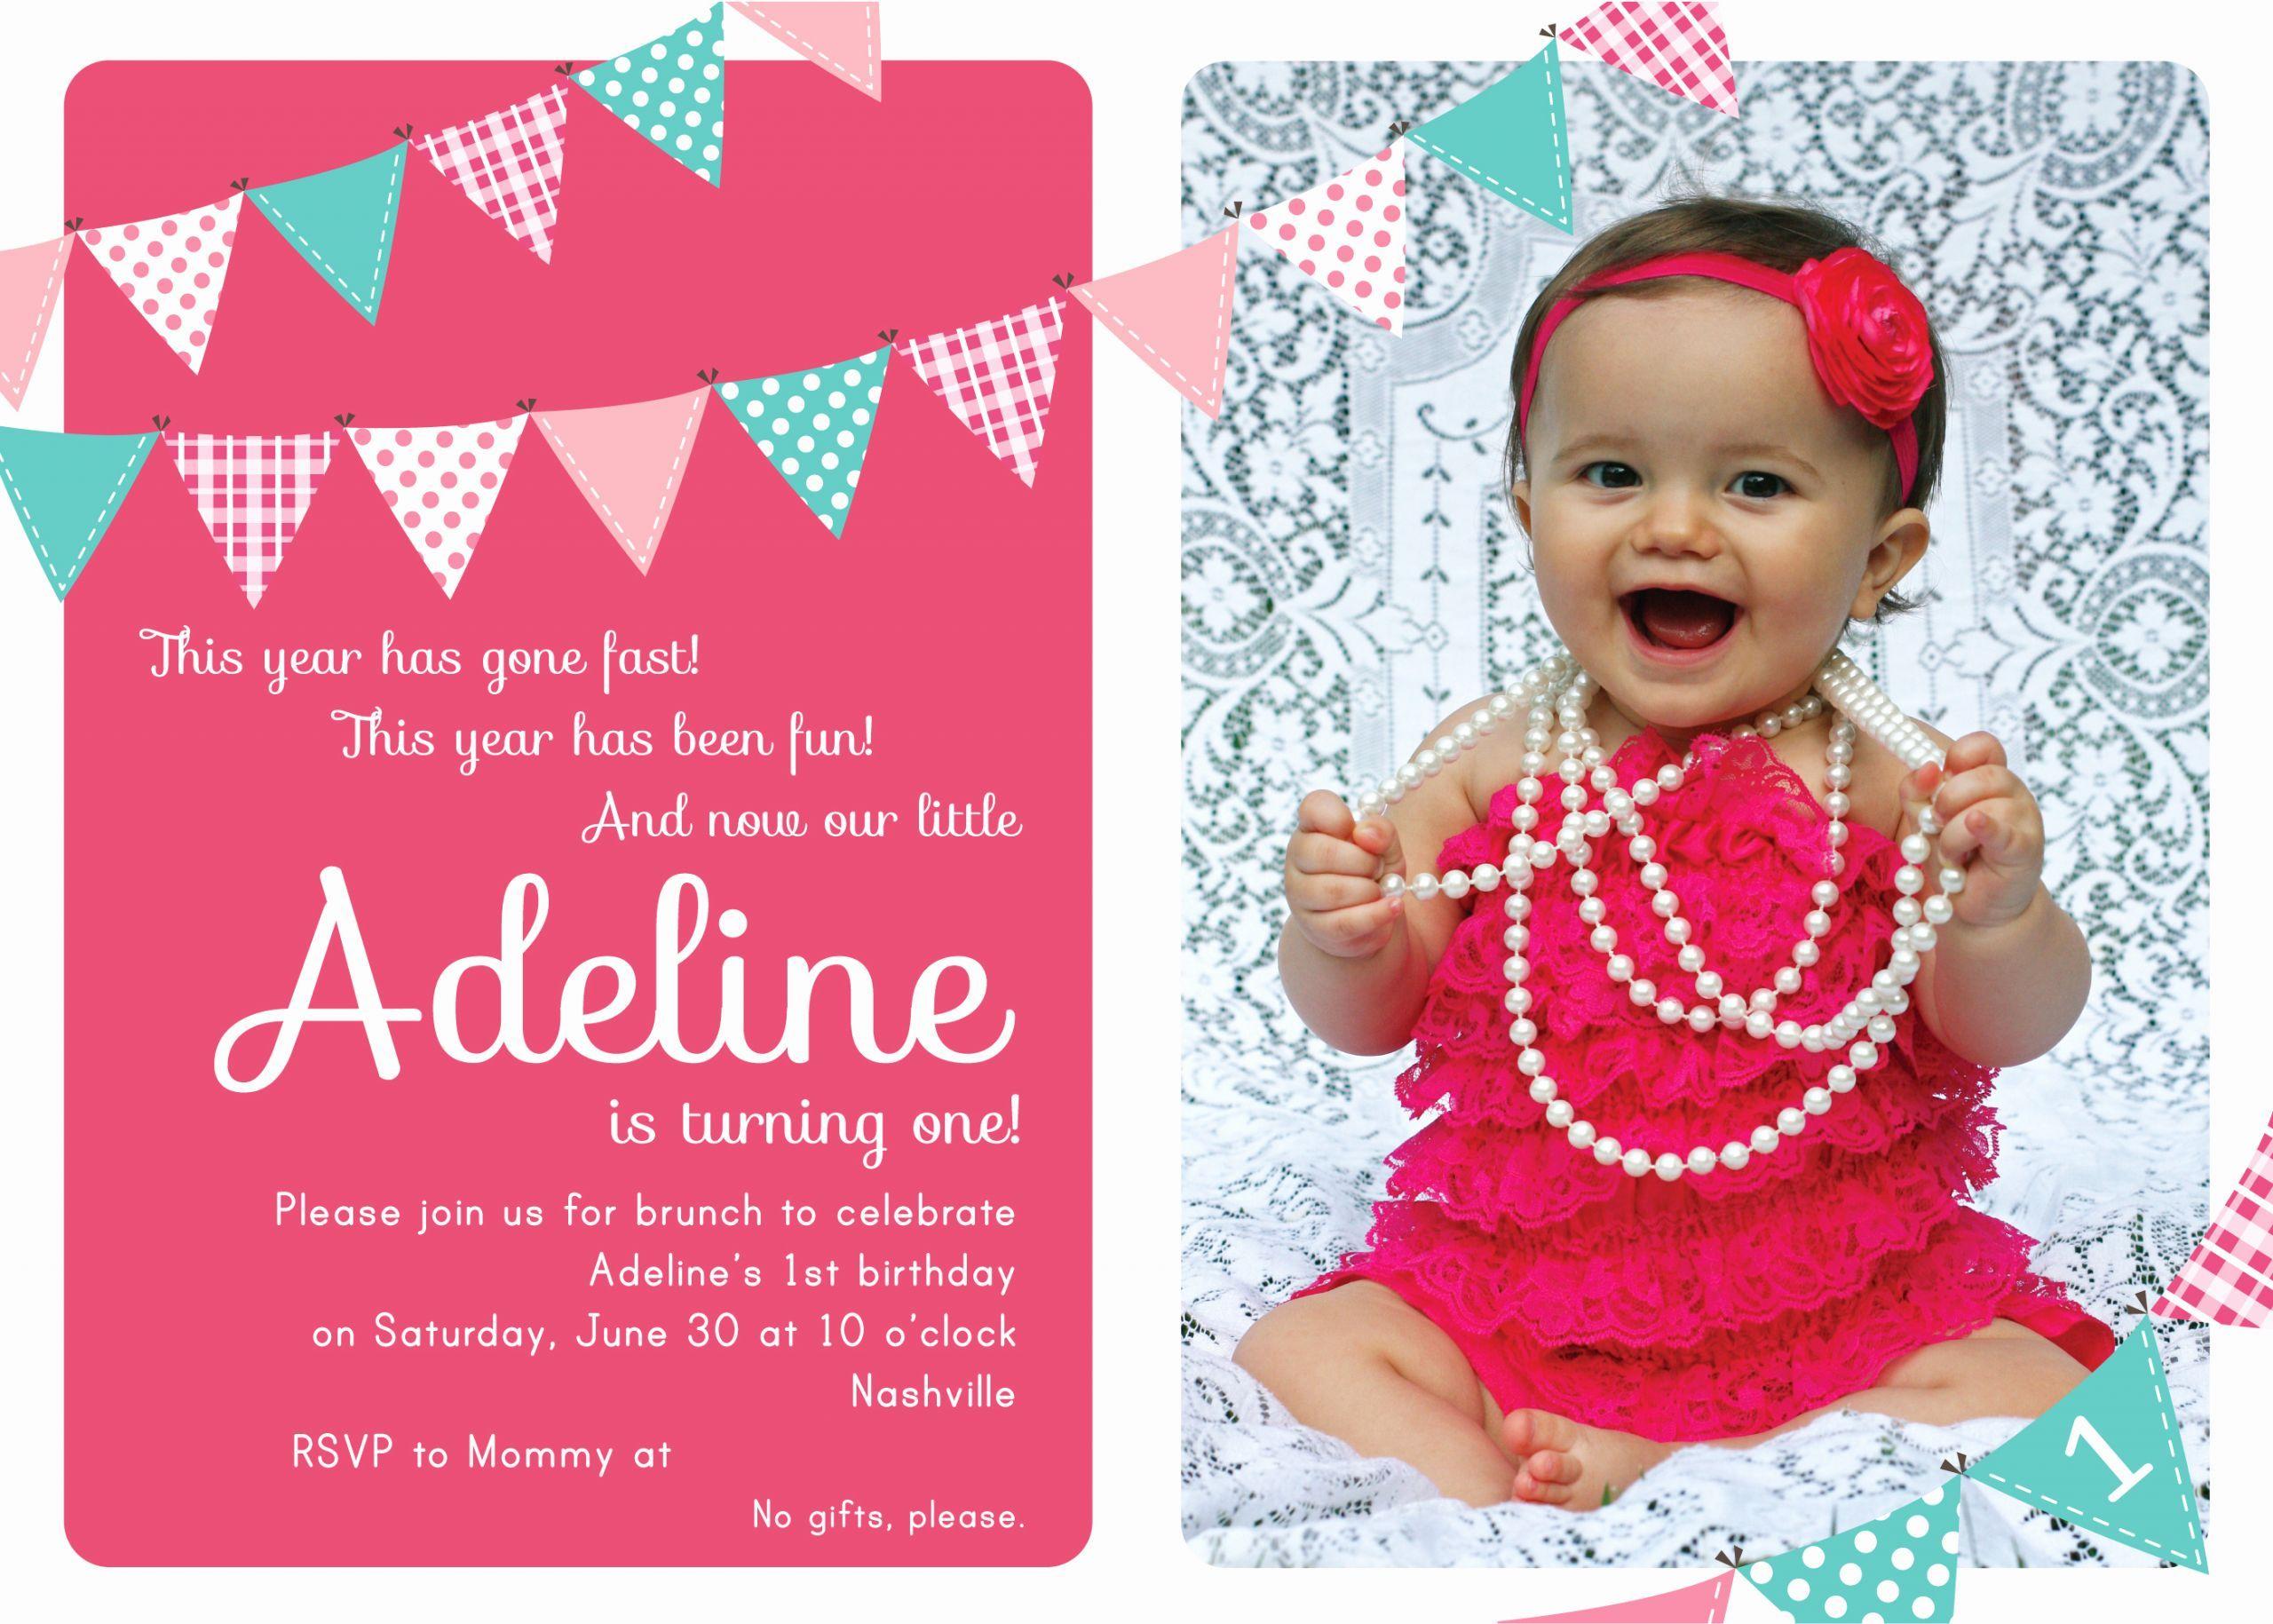 First Birthday Invitation Templates Unique First Birthday Party Invi Birthday Invitation Card Template 1st Birthday Invitations Girl Cheap Birthday Invitations